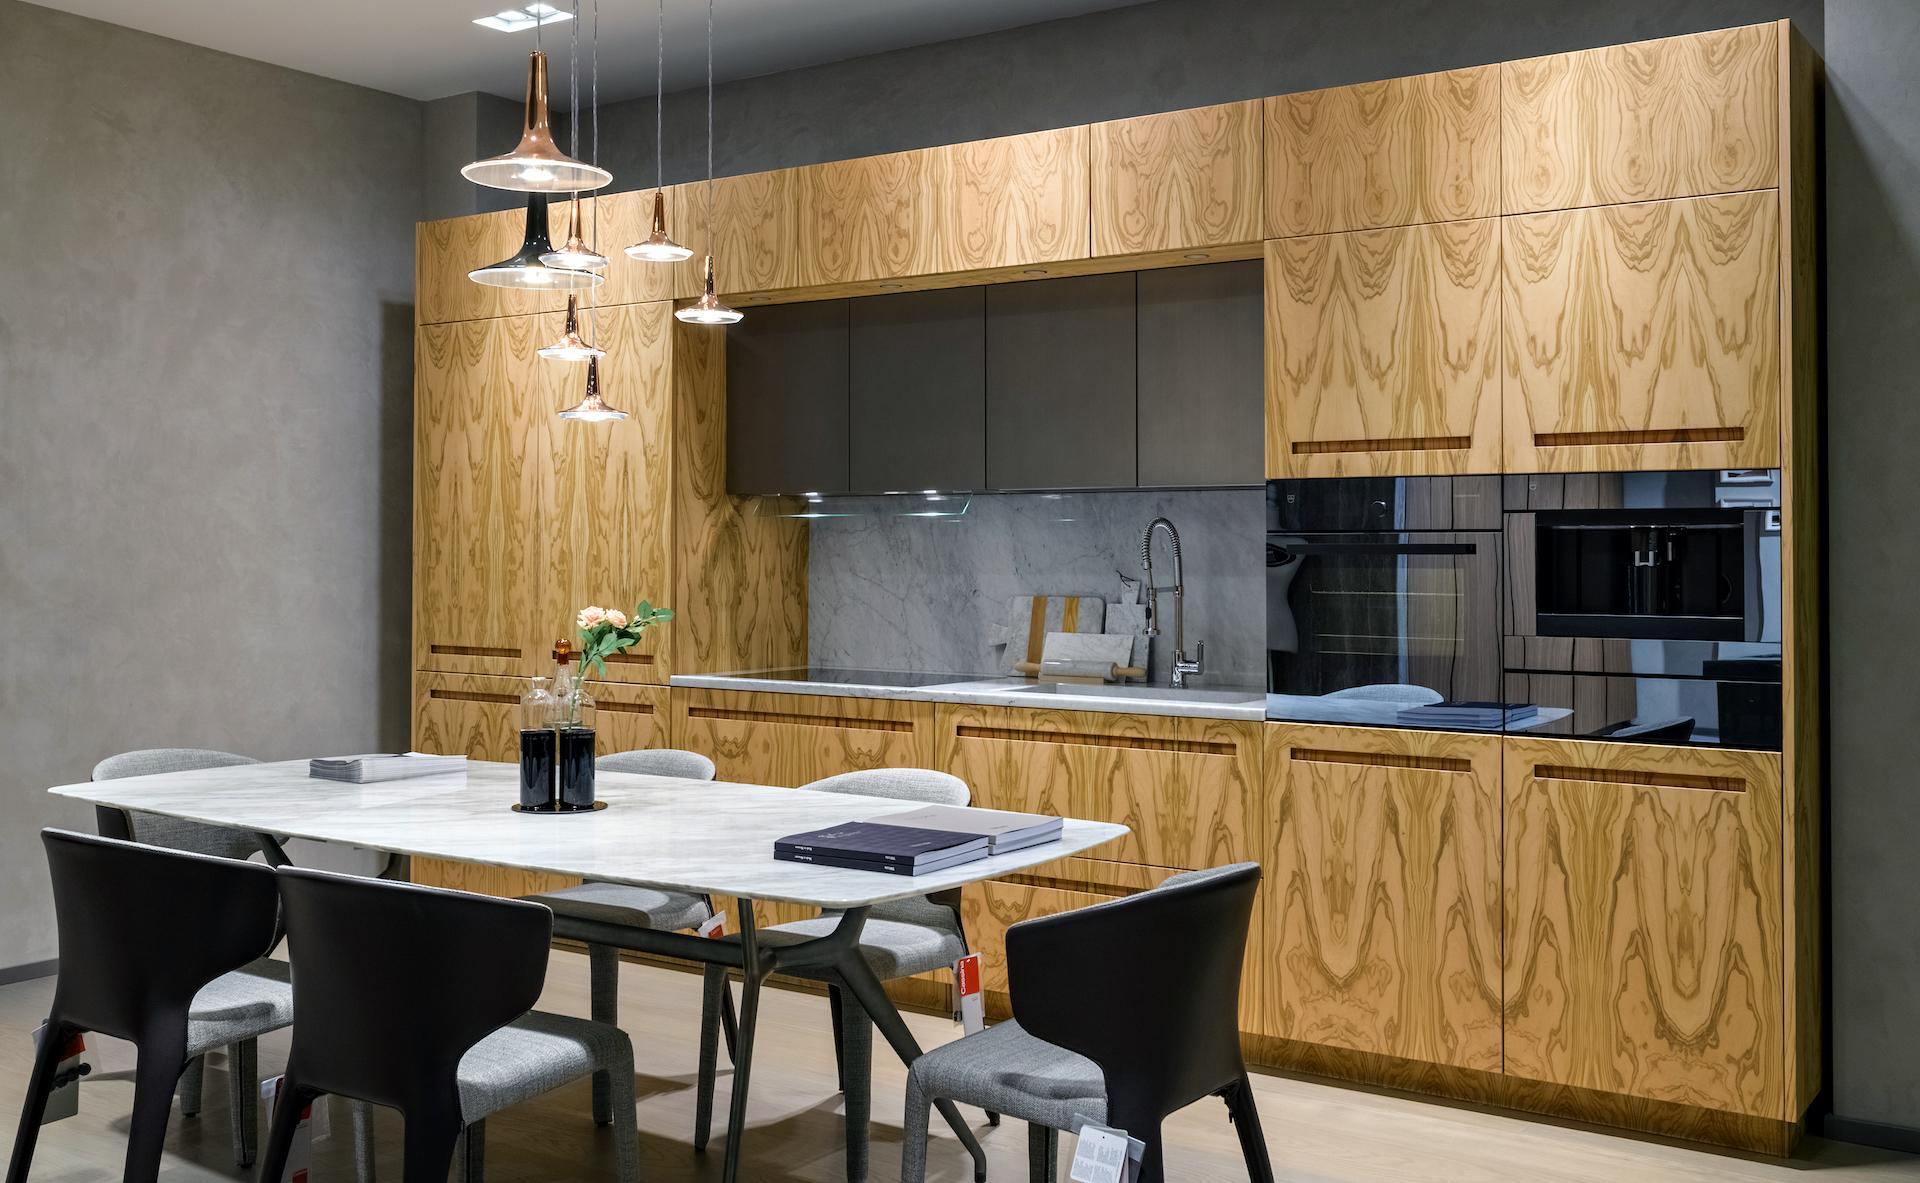 Cucina lineare su concept D90 realizzata da TM Italia a Kiev - TMItalia_D90-a-Kiev_gallery02